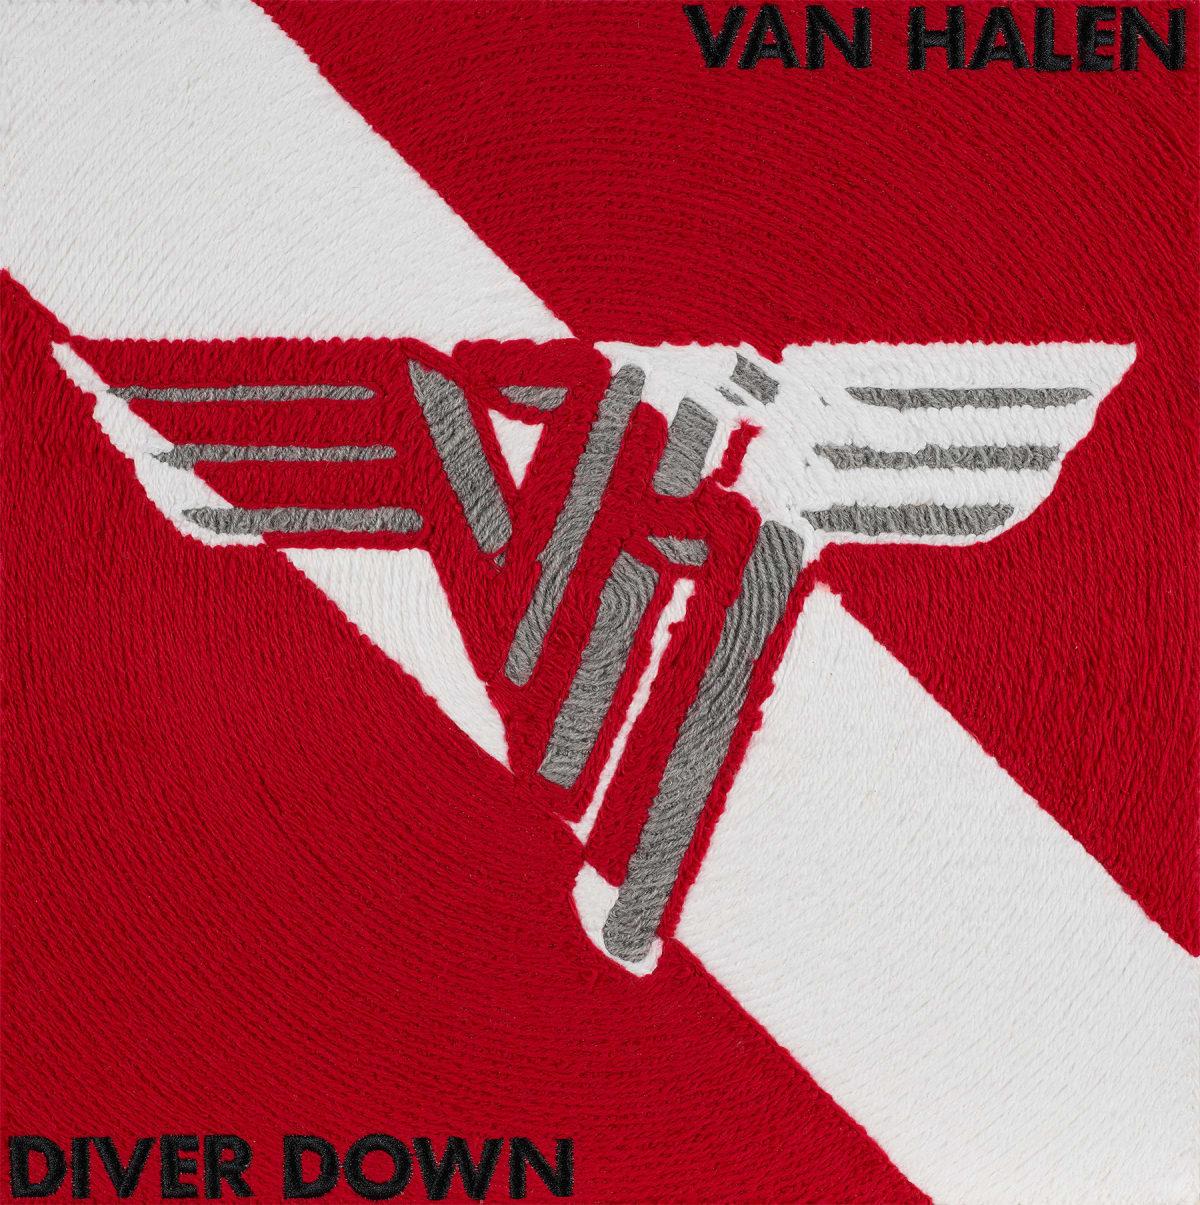 Stephen Wilson, Diver Down, Van Halen, 2019